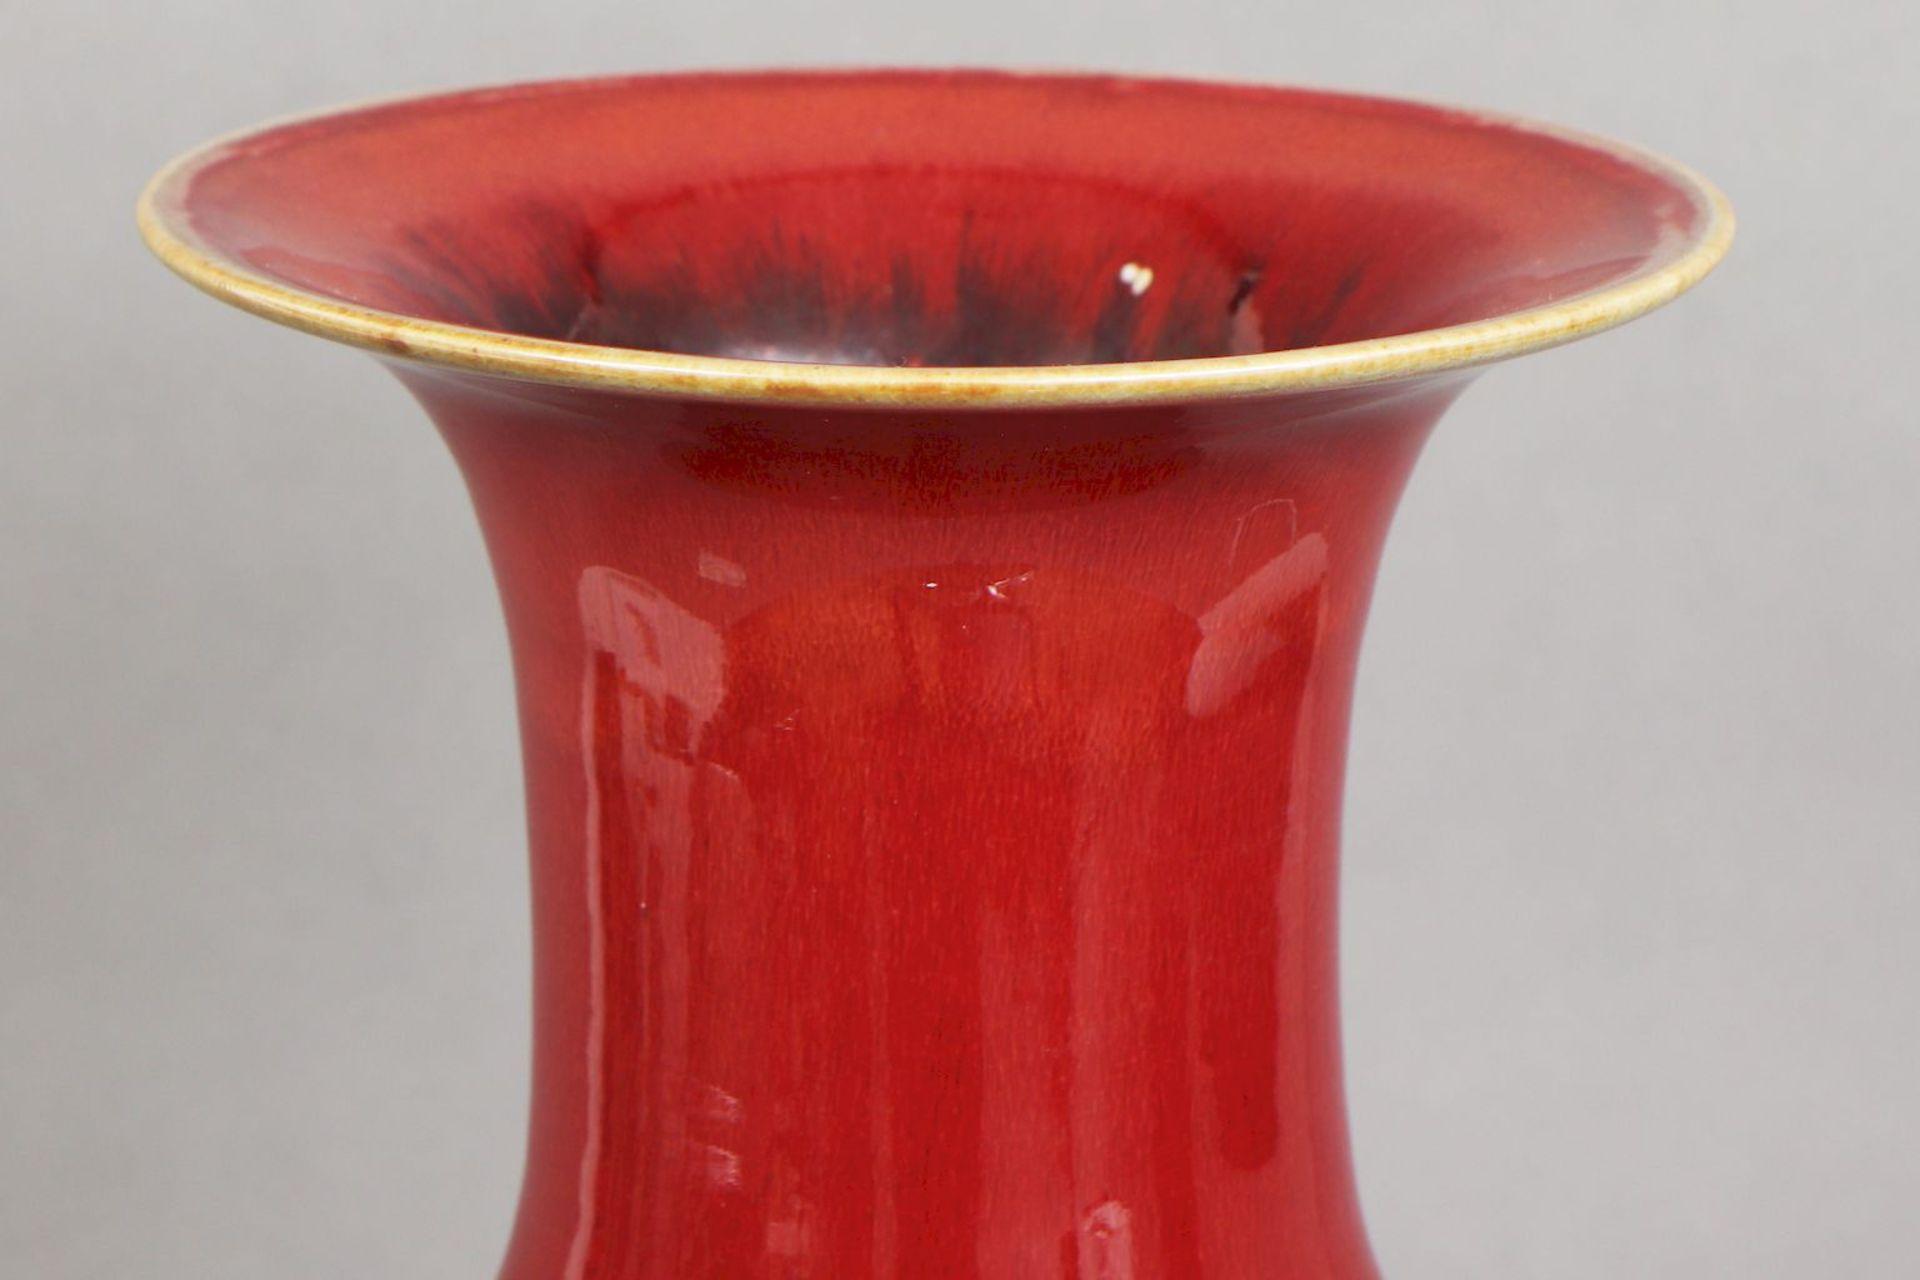 Große chinesische ¨sange-de-boeuf¨(Ochsenblut) Vase - Image 2 of 5